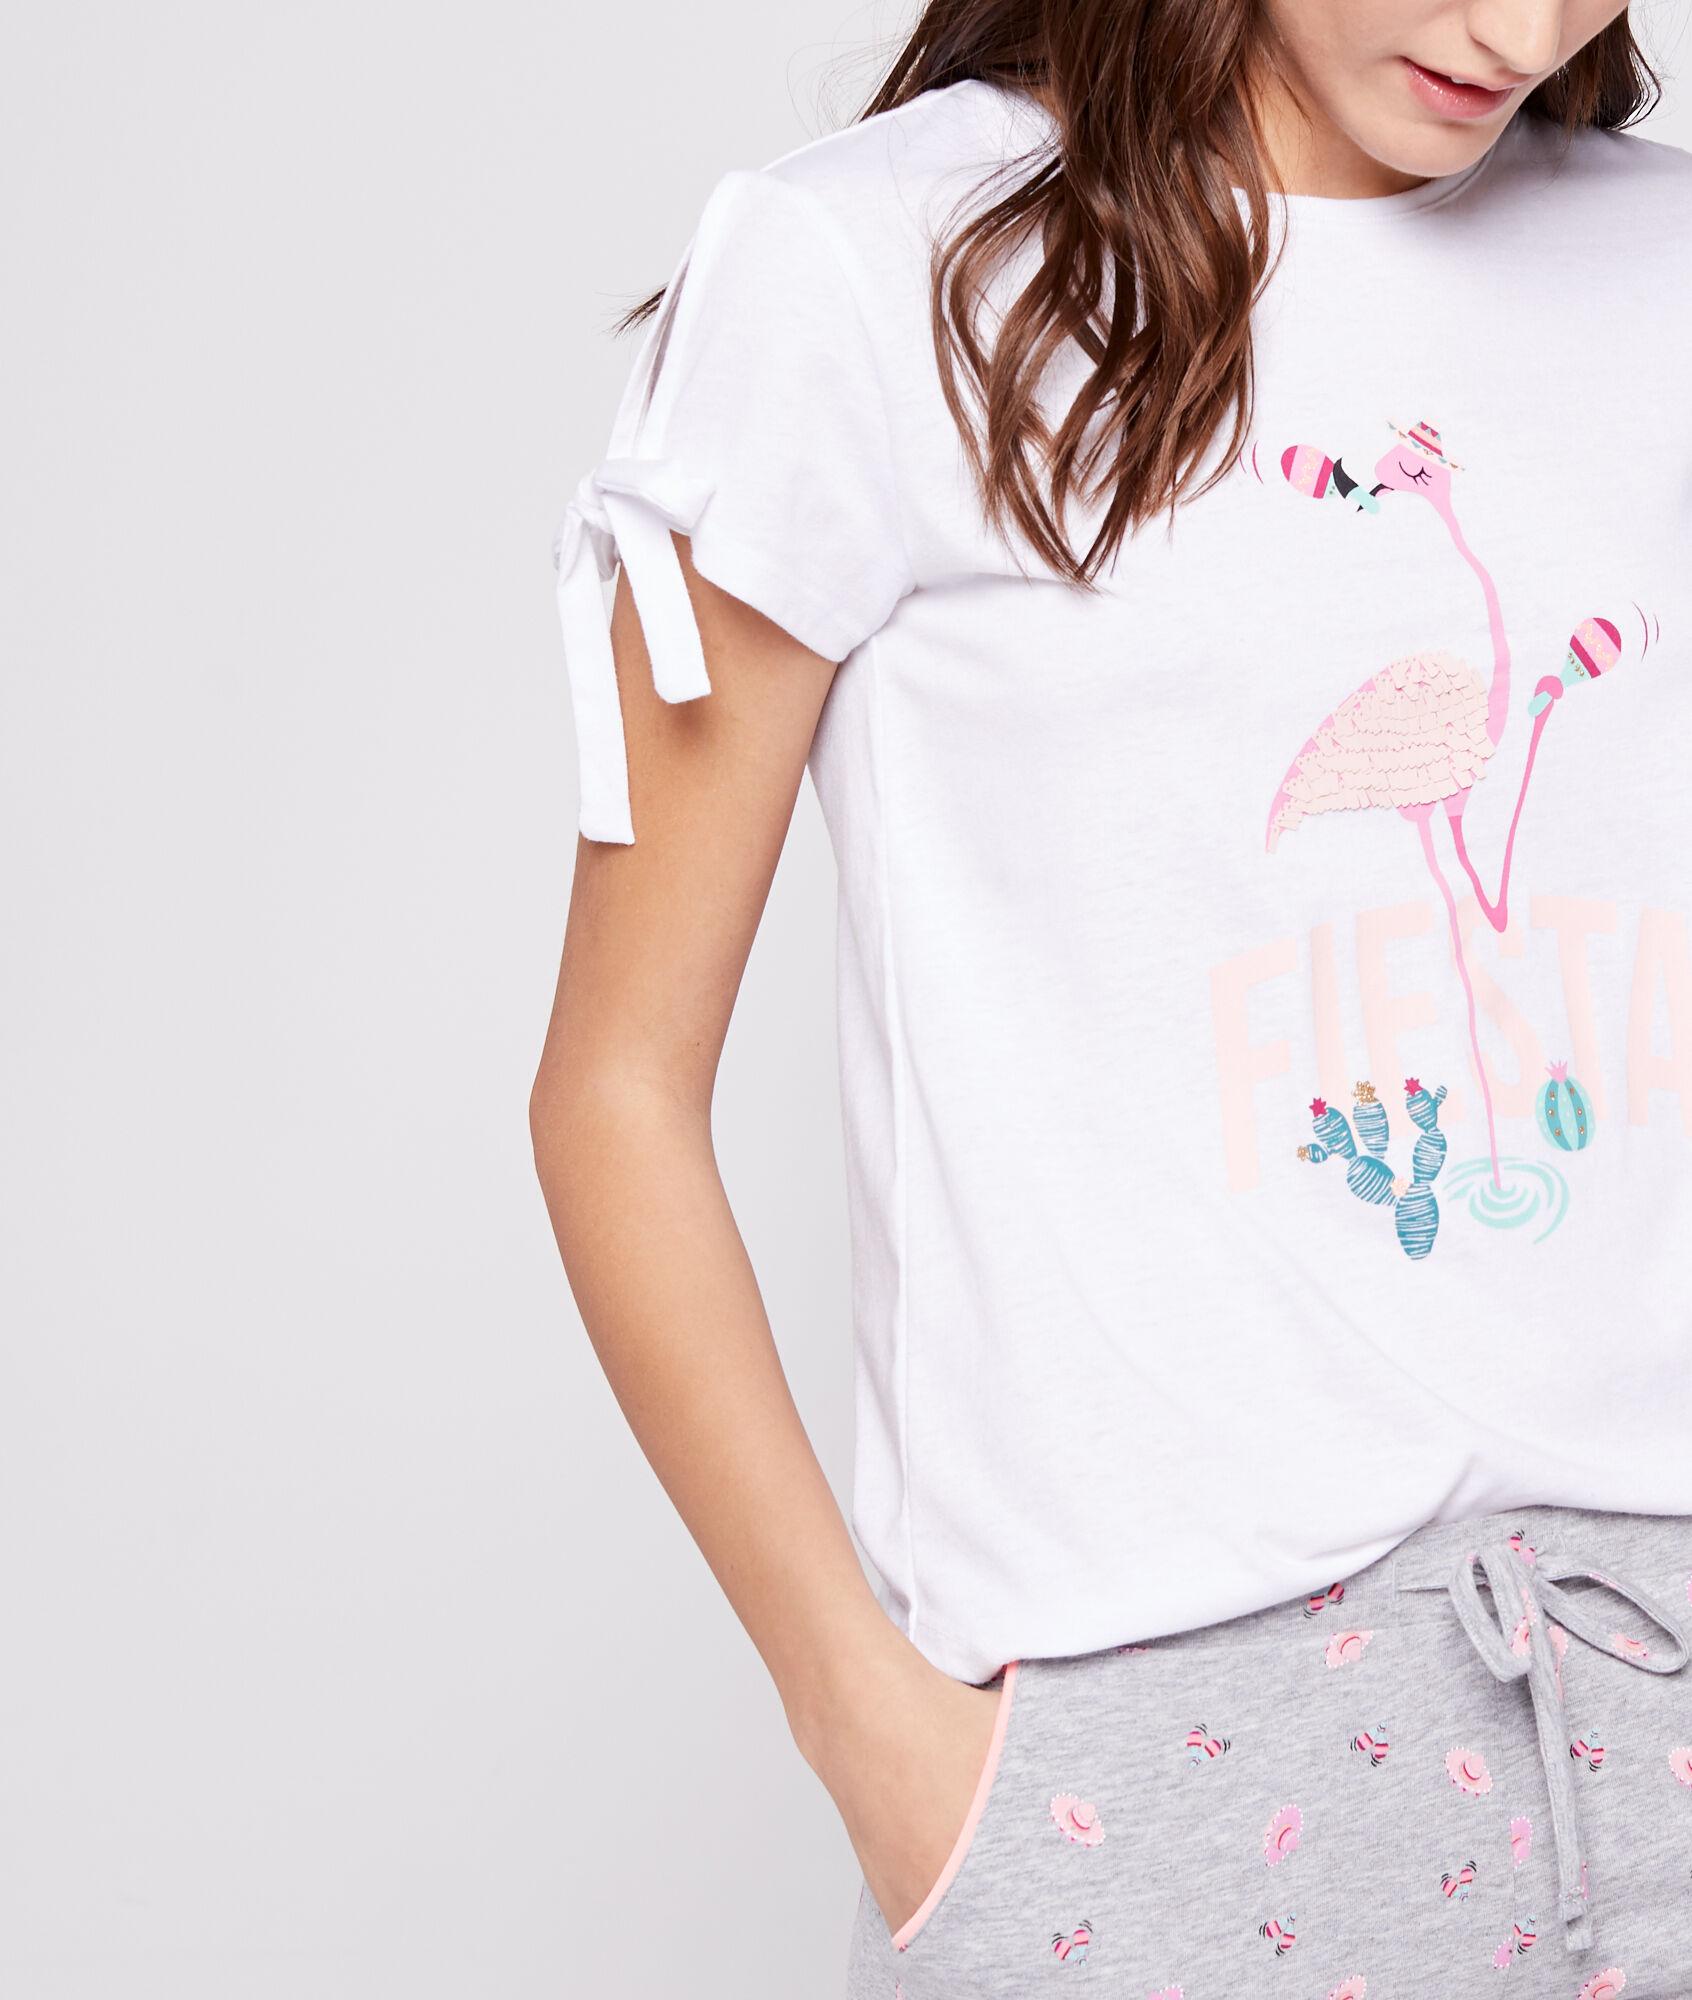 Imprimé Rose Shirt T Shirt Flamant Flamant T Imprimé T Rose rthQCsdx